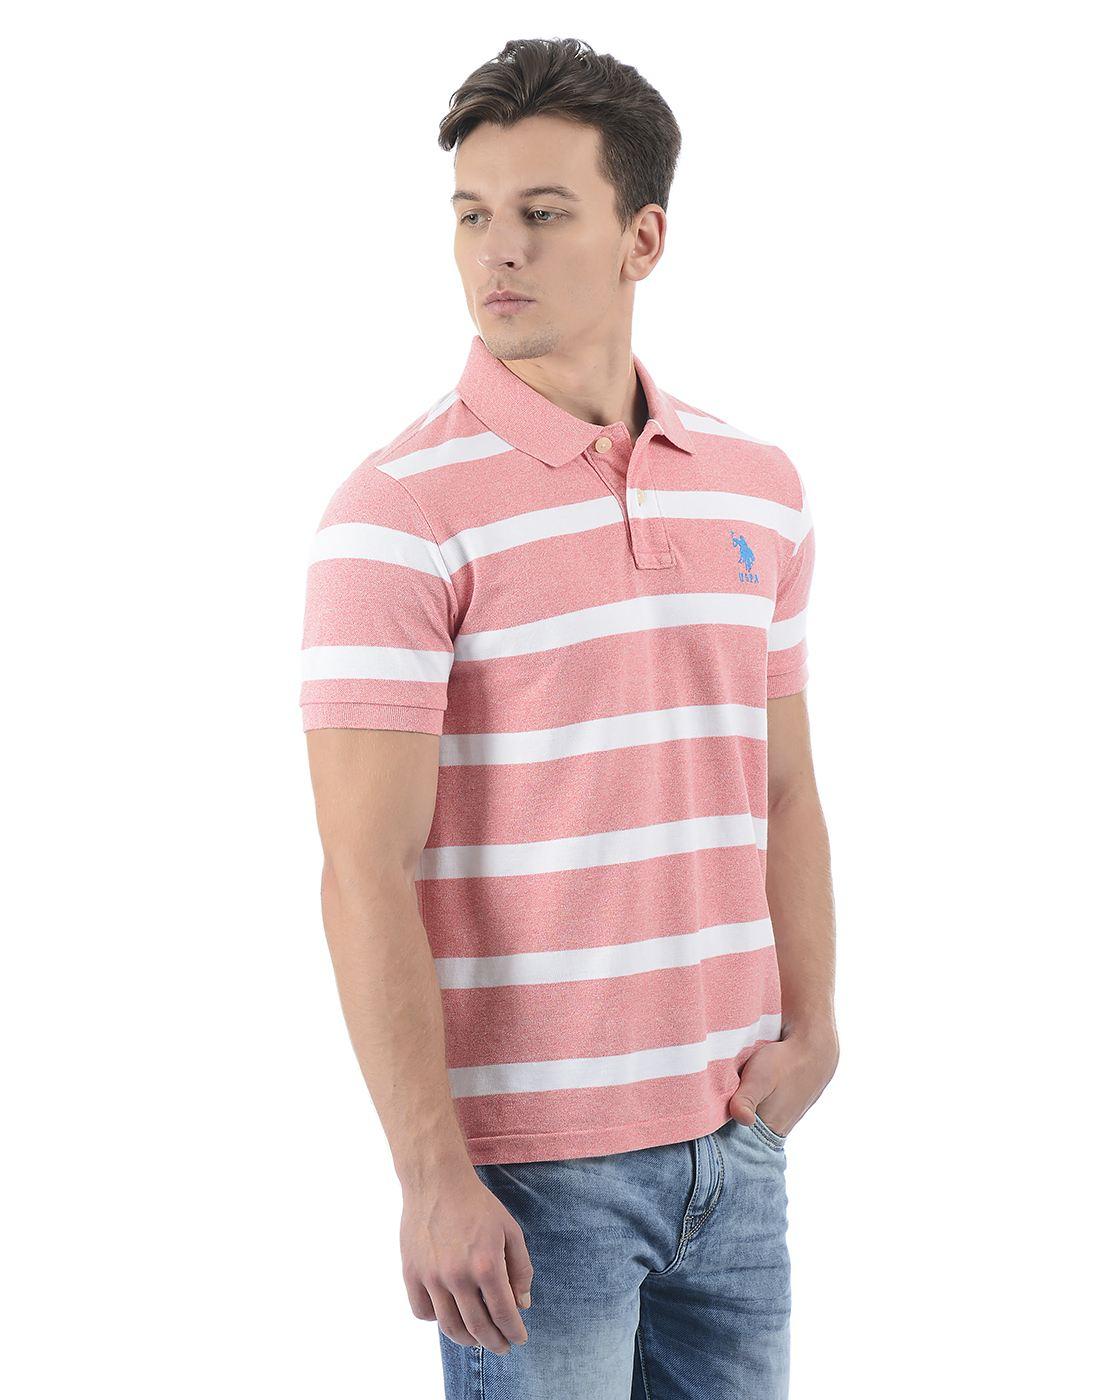 U.S. Polo Association Men Casual T-shirt